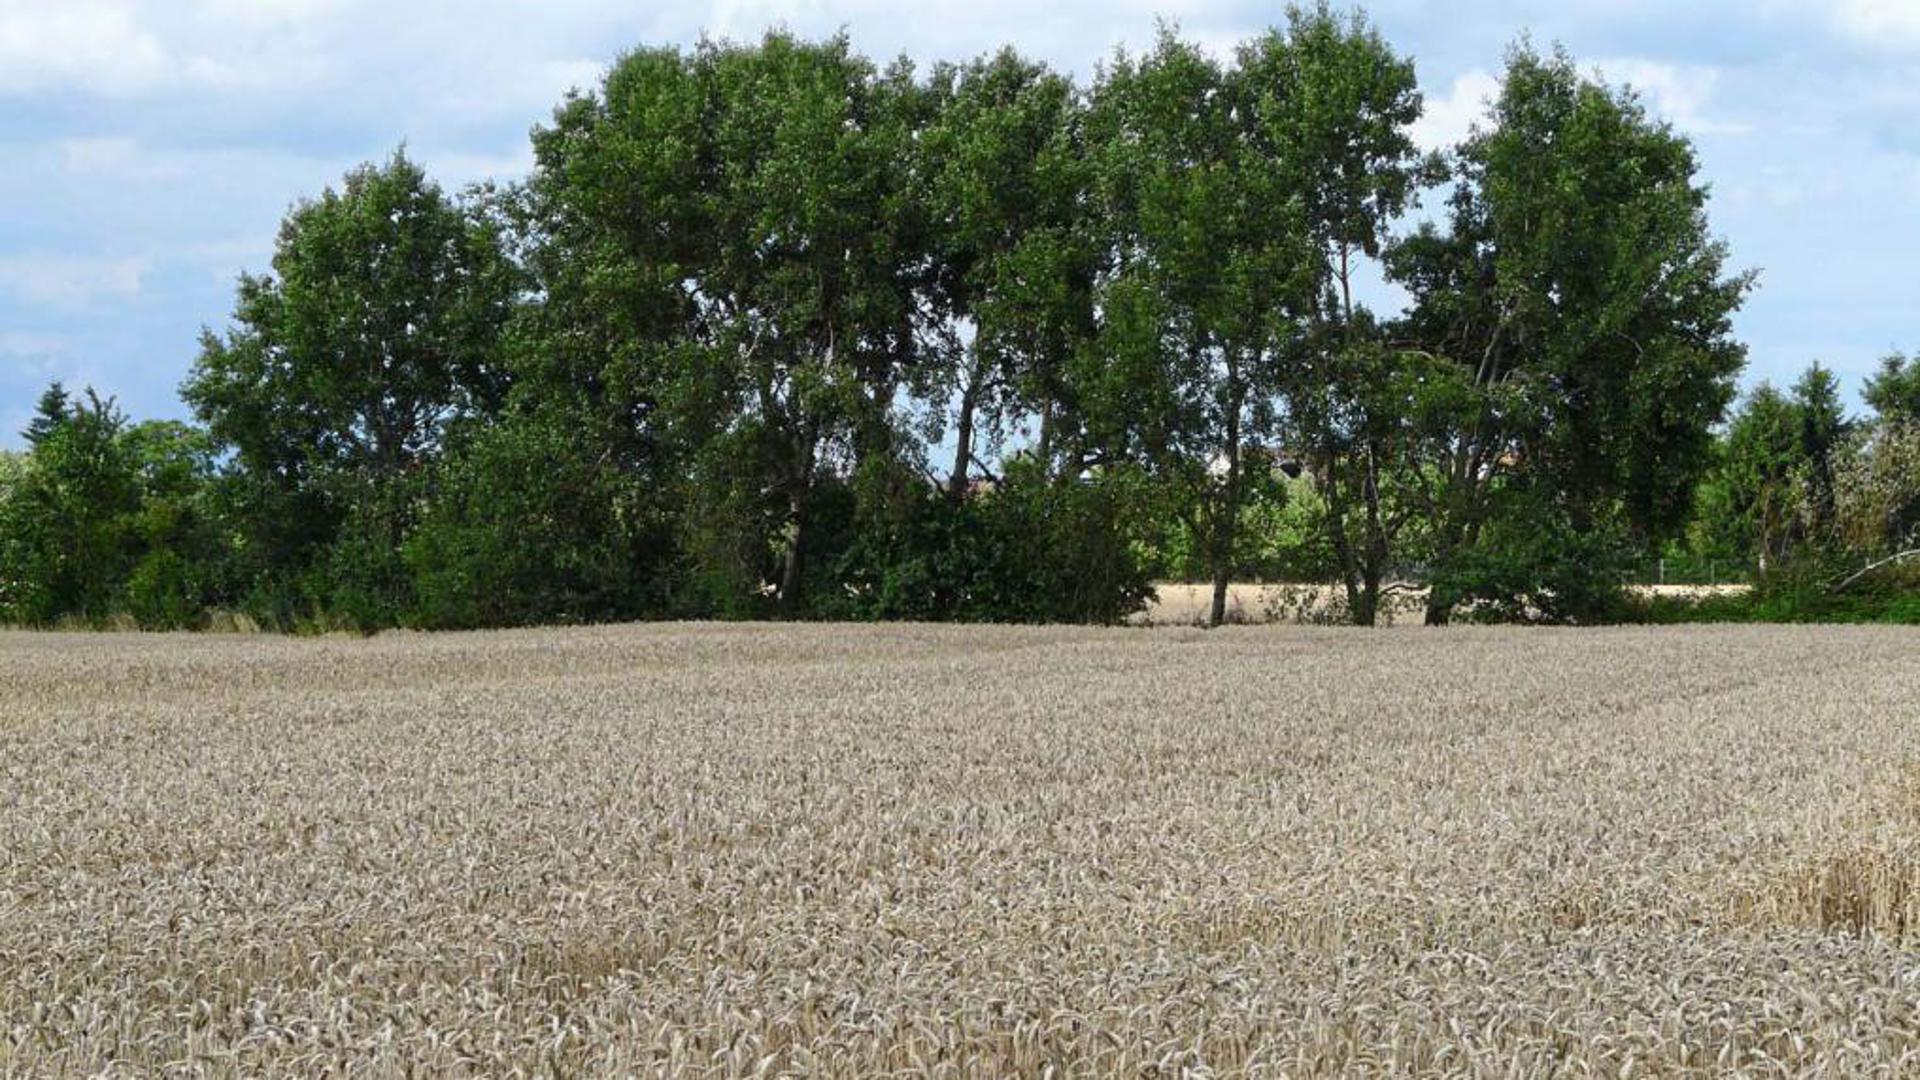 Idylle oder PFC: Untersuchungen von Pflanzen, Grundwasser und Böden sollen auch in der Ortenau Klarheit bringen, ob Flächen mit Chemikalien aus Papierschlämmen belastet sind. (Symbolbild)